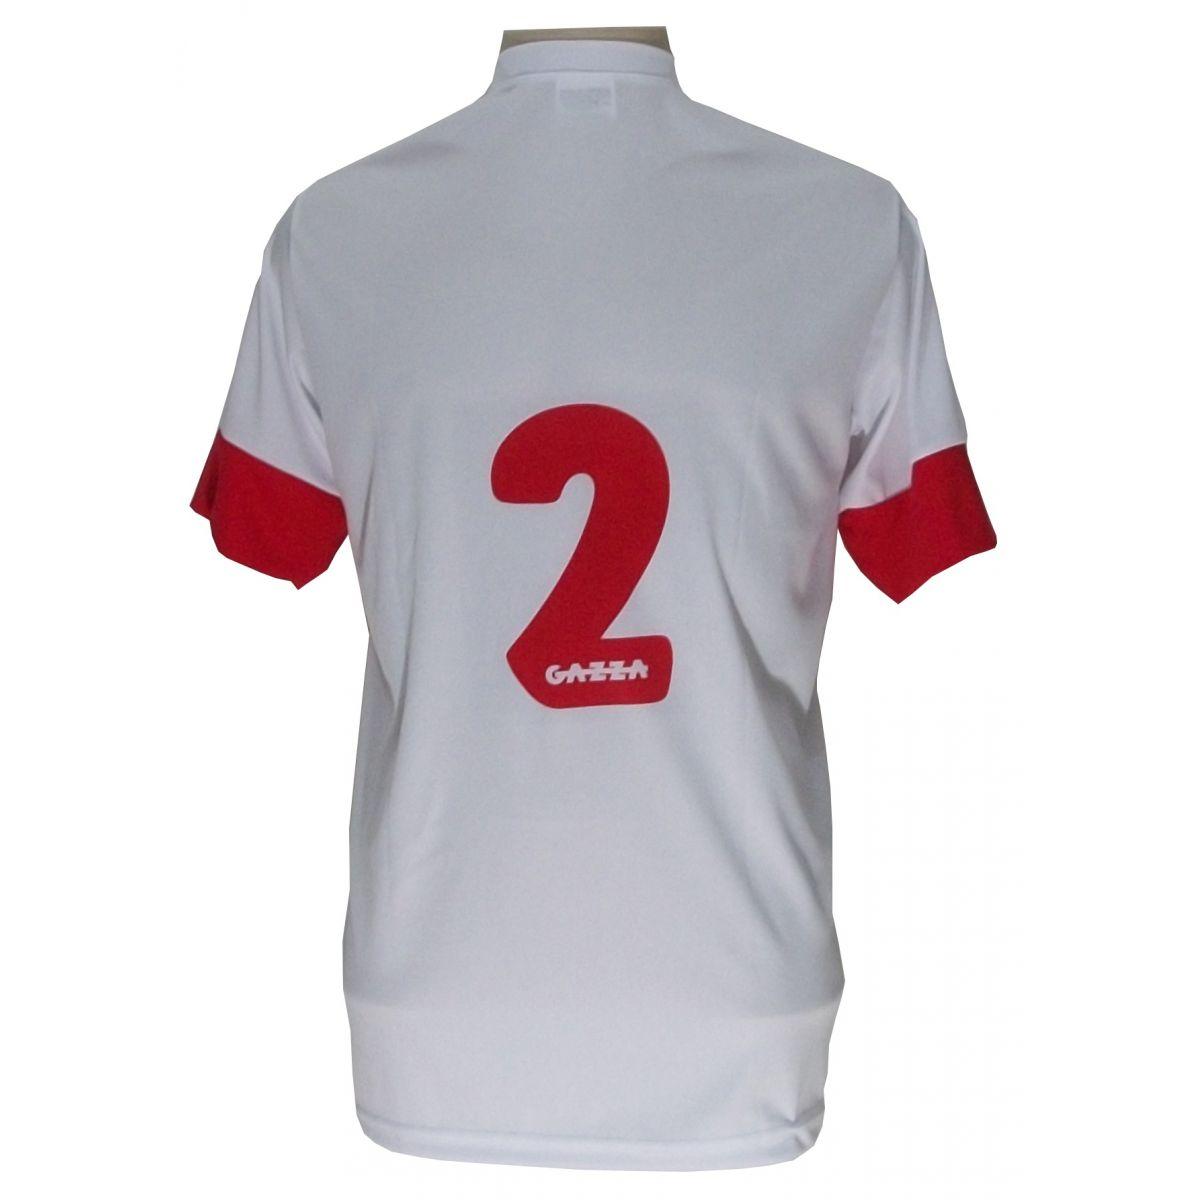 Uniforme Esportivo Completo modelo Sporting 14+1 (14 camisas Branco/Vermelho + 14 calções modelo Copa Vermelho/Branco + 14 pares de meiões Brancos + 1 conjunto de goleiro) + Brindes